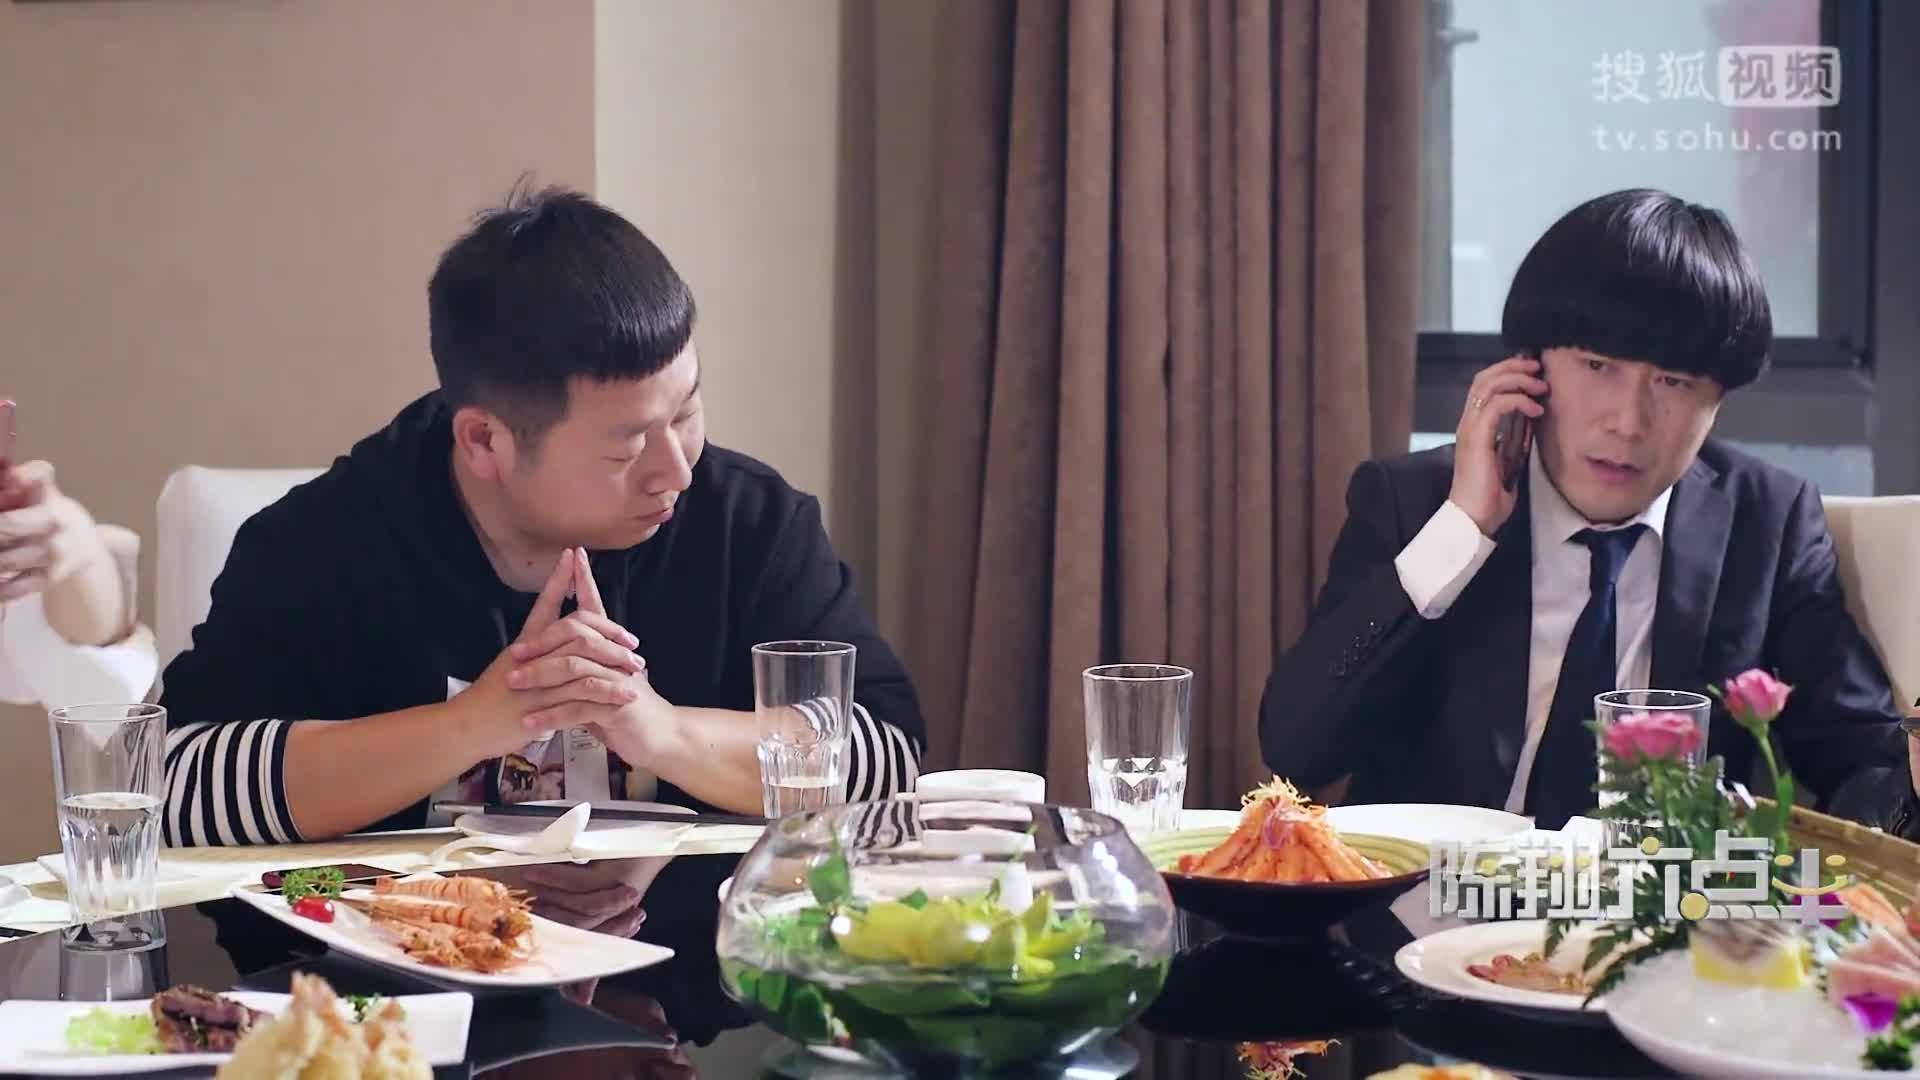 《陈翔六点半》第104集 送礼风蔓延全村老人惨受牵连